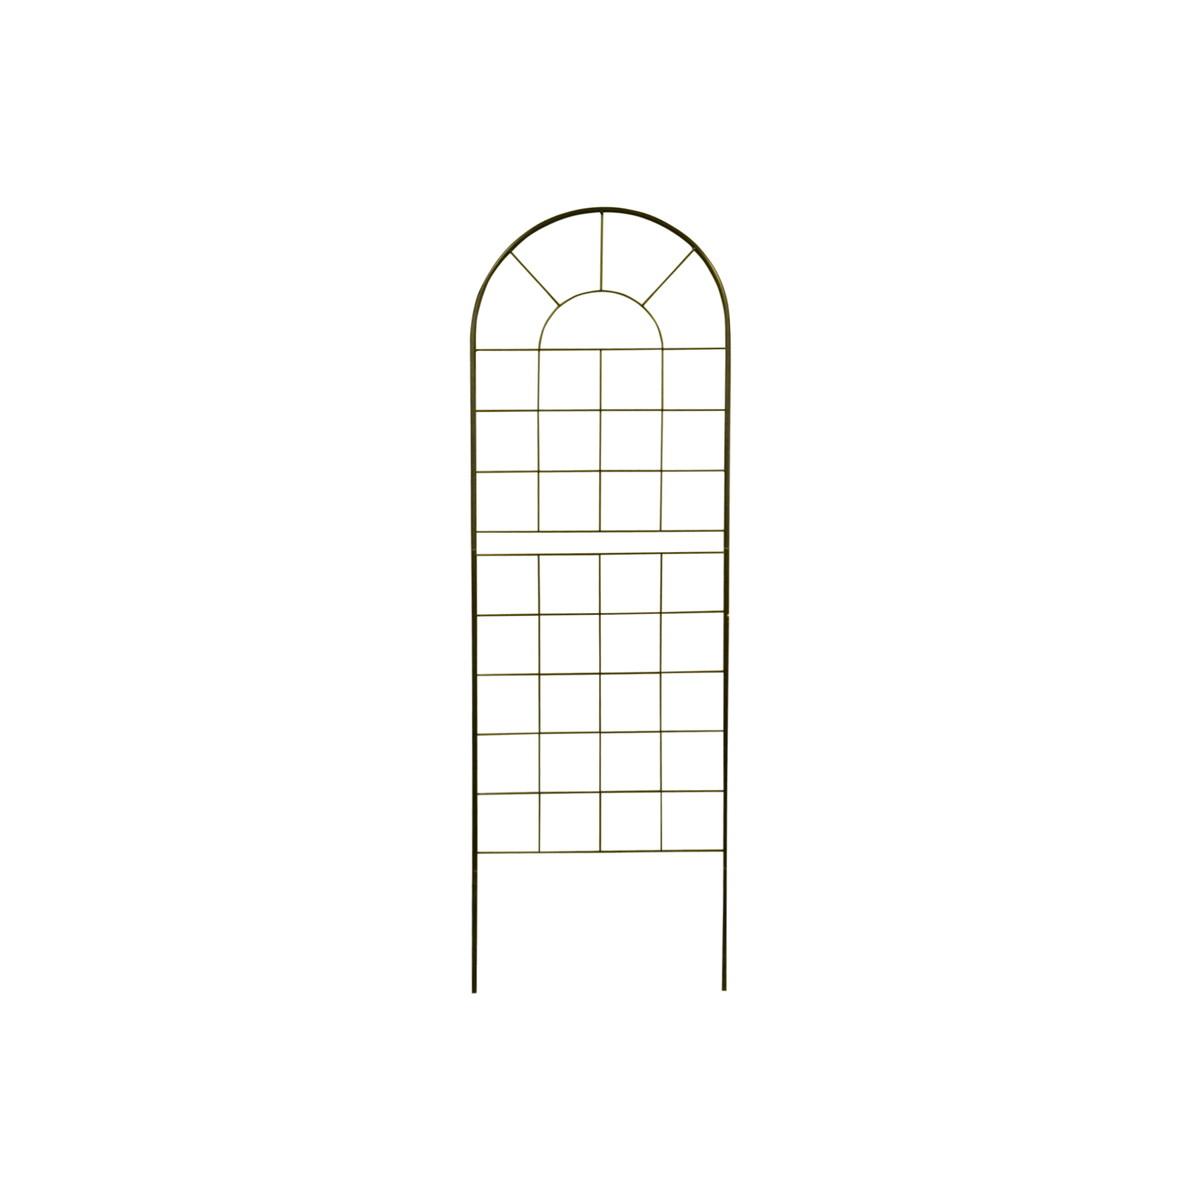 アイアンフェンス クラシックハイフェンス ロータイプ 分割タイプ 高さ150cm 2枚セット ガーデンフェンス トレリスフェンス アンティーク ブラック ホワイト 庭 薔薇 バラ 誘引フェンスybif120cp2p